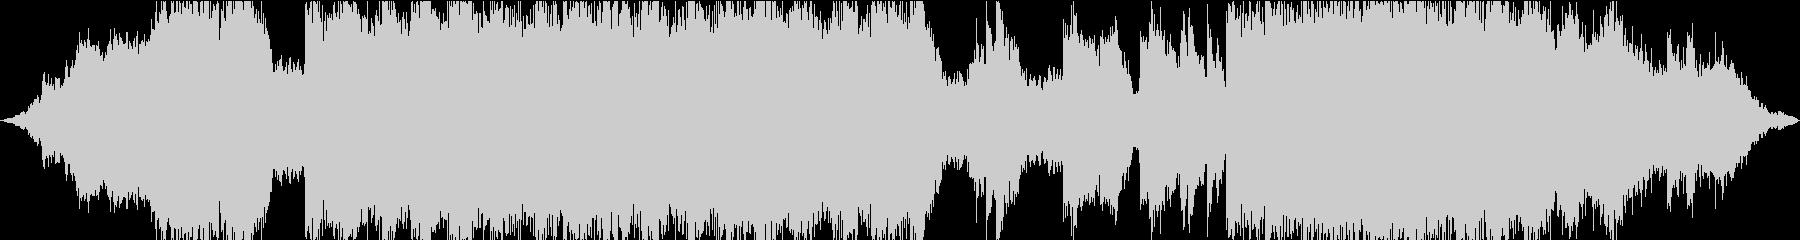 空間的ビートレスなチル・シンセウェーブの未再生の波形